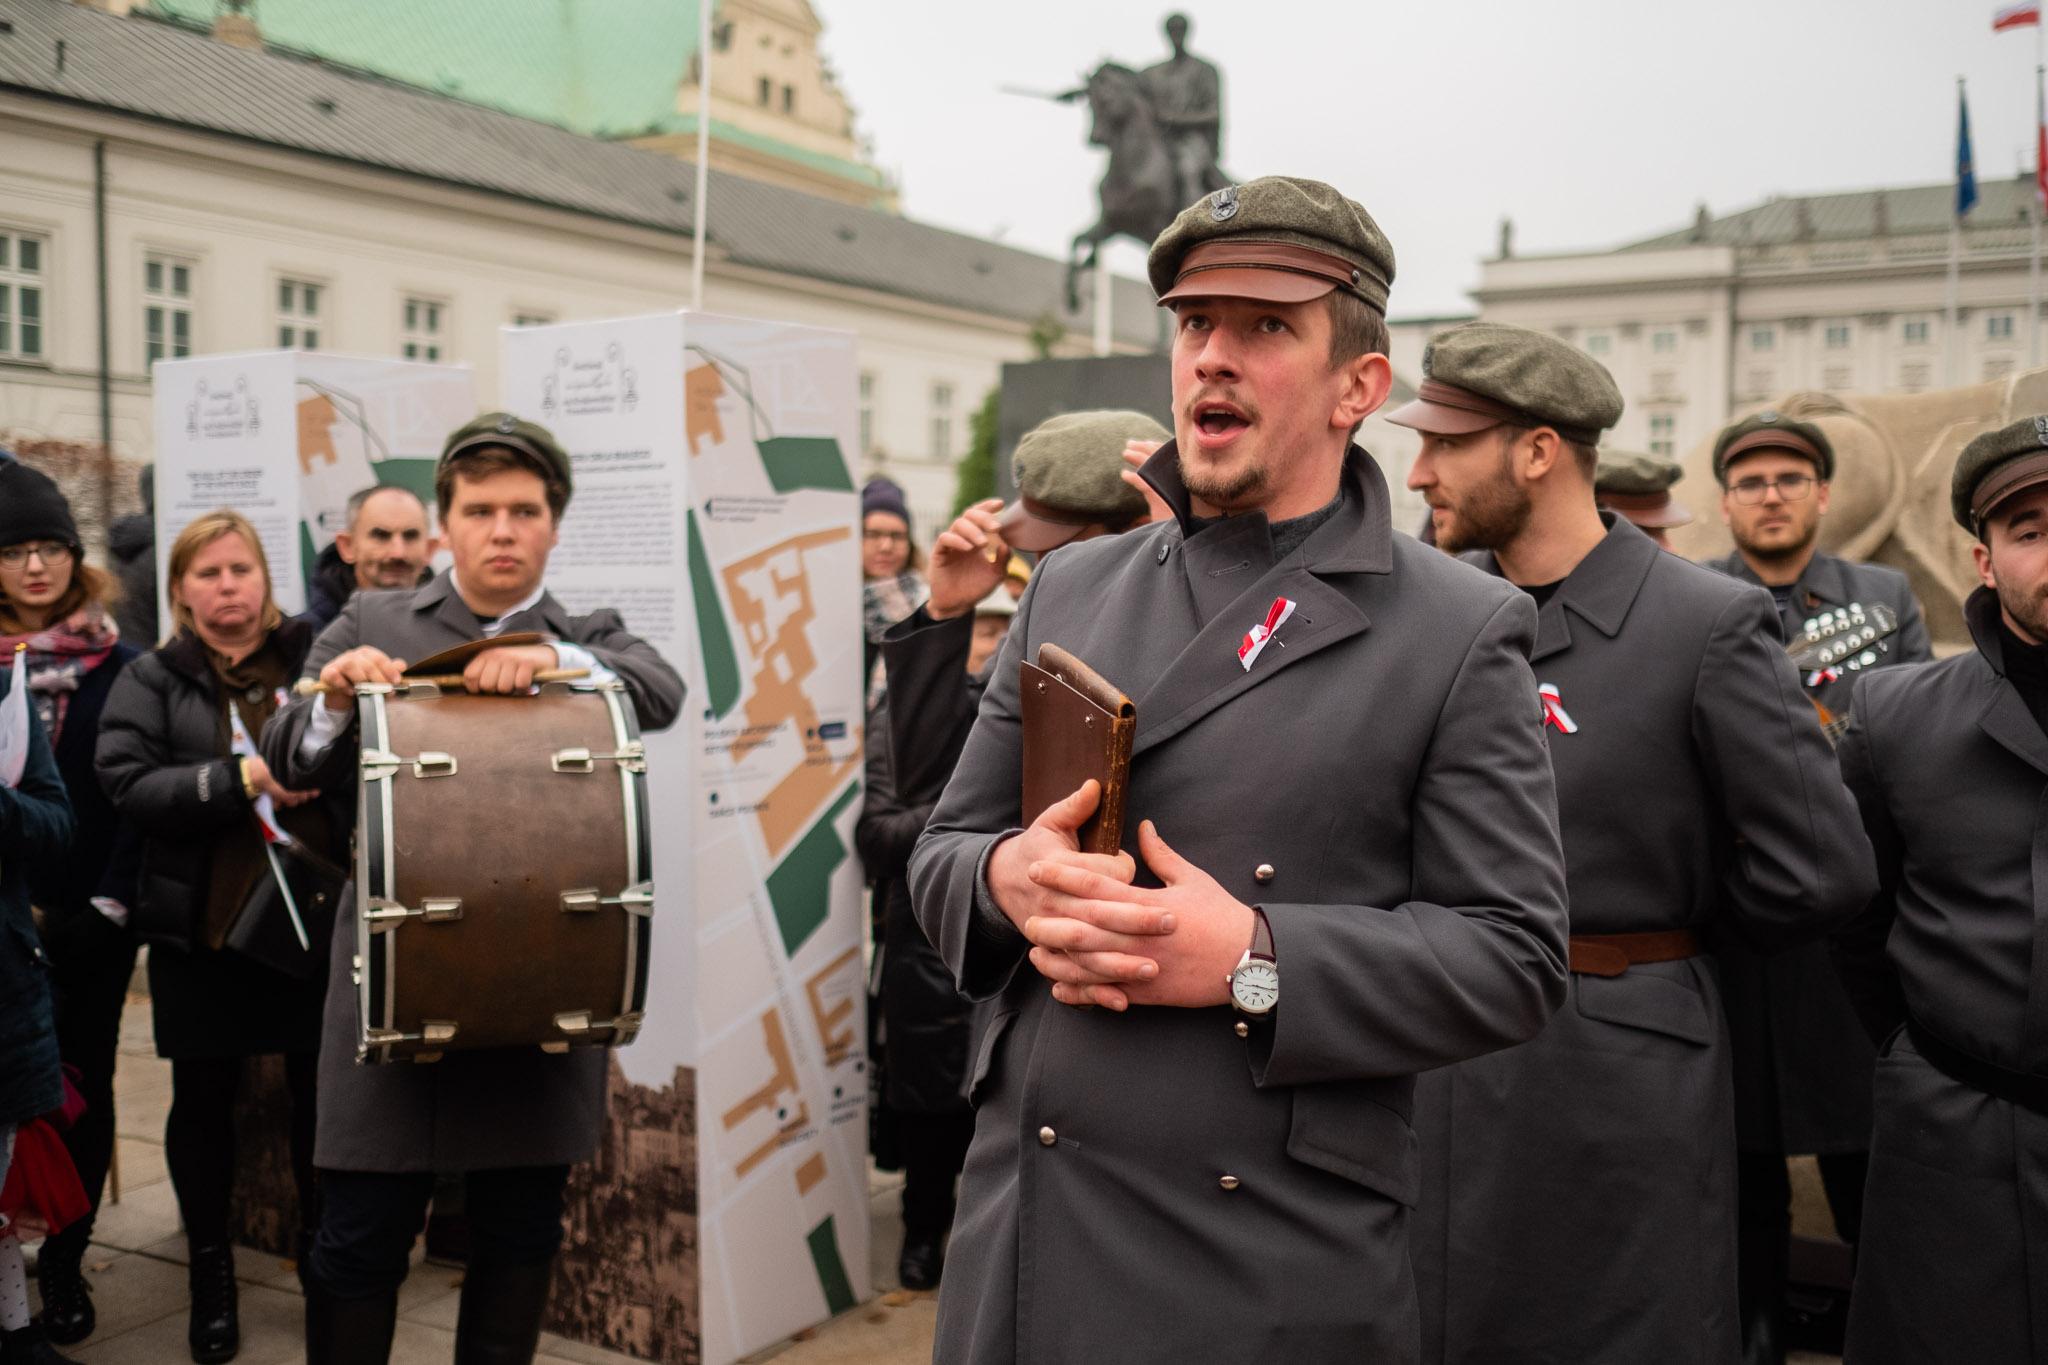 группа музыкантов в одинаковых исторических костюмах, стилизованных под мундиры, во время выступления в городском пространстве